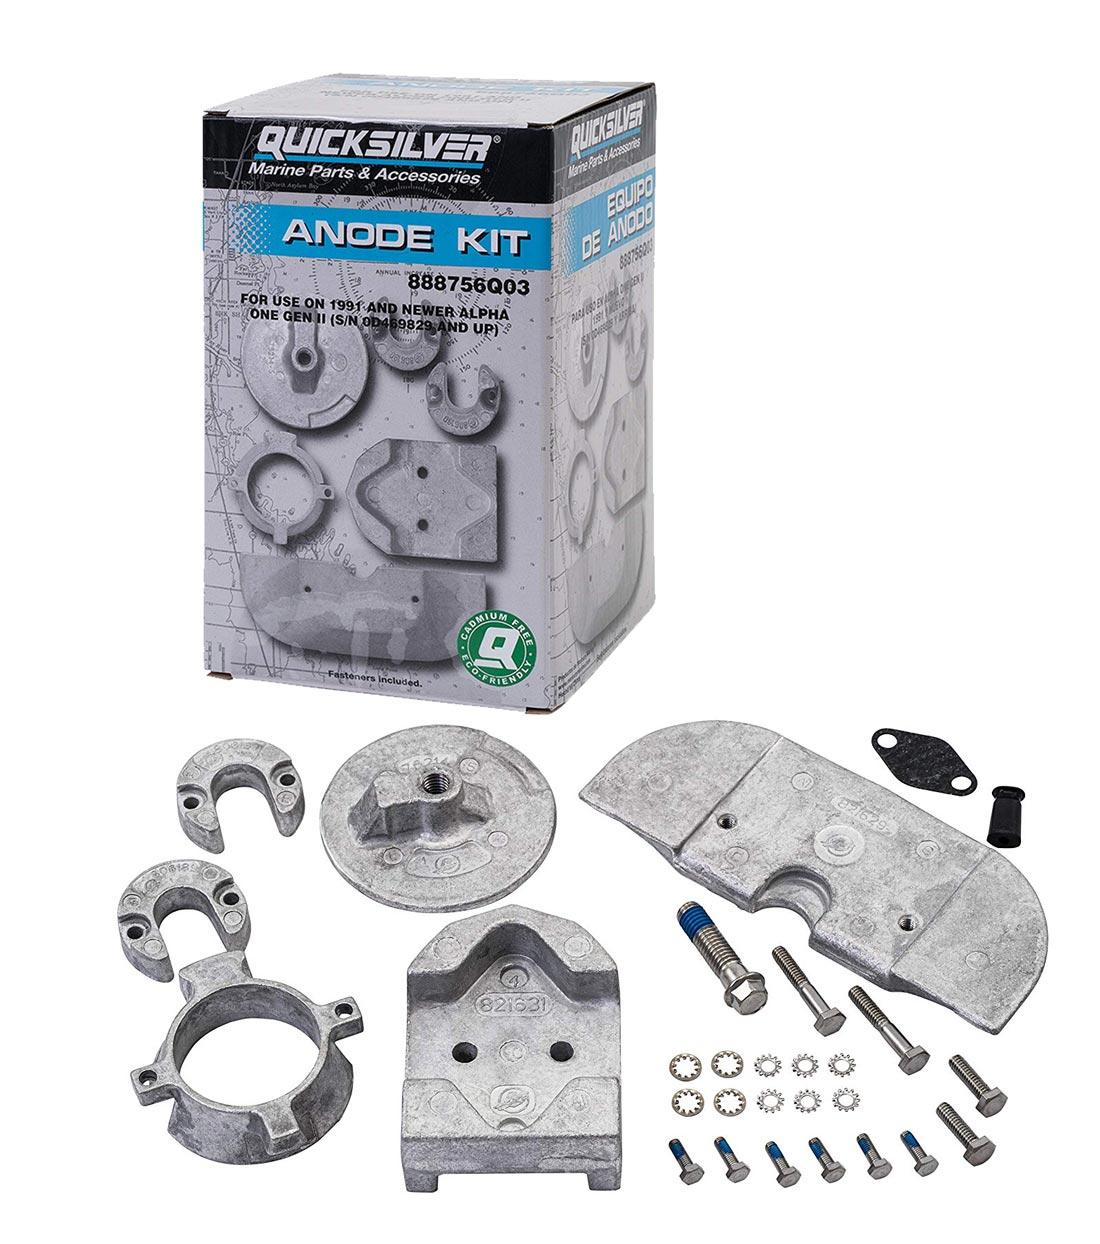 Mercury 888756Q03 Anoden Kit günstig online kaufen